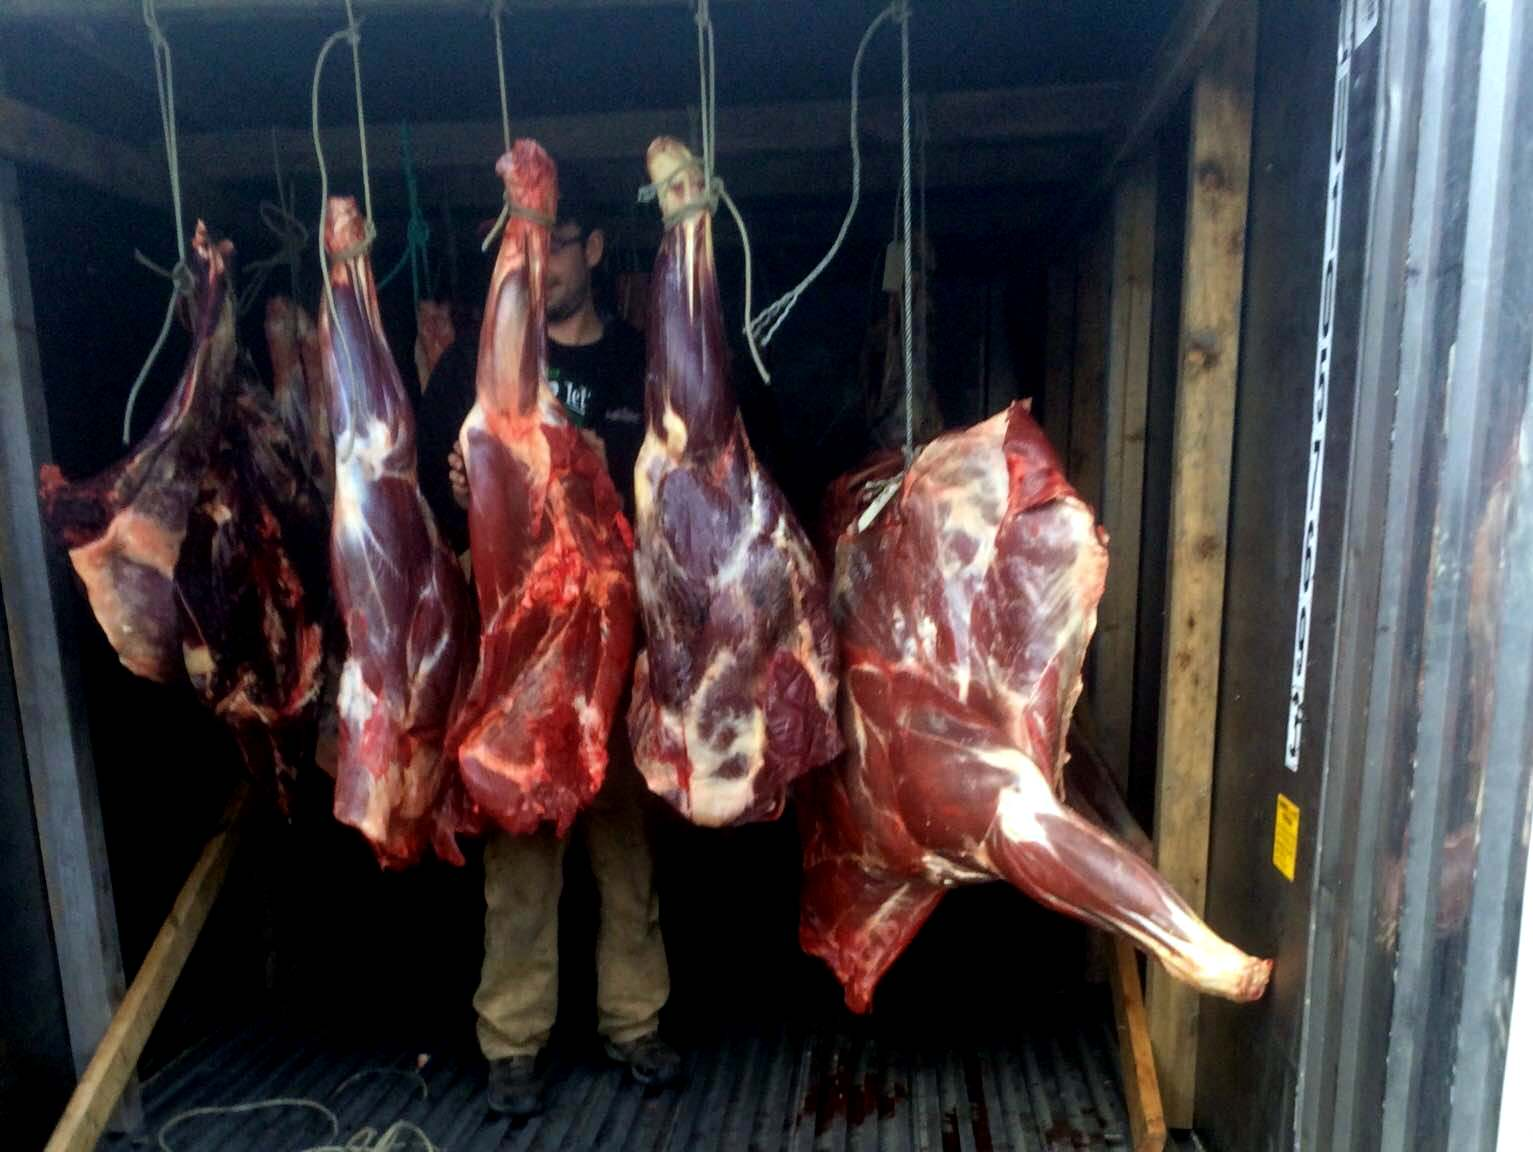 Illegal moose meat distributed in Petersburg